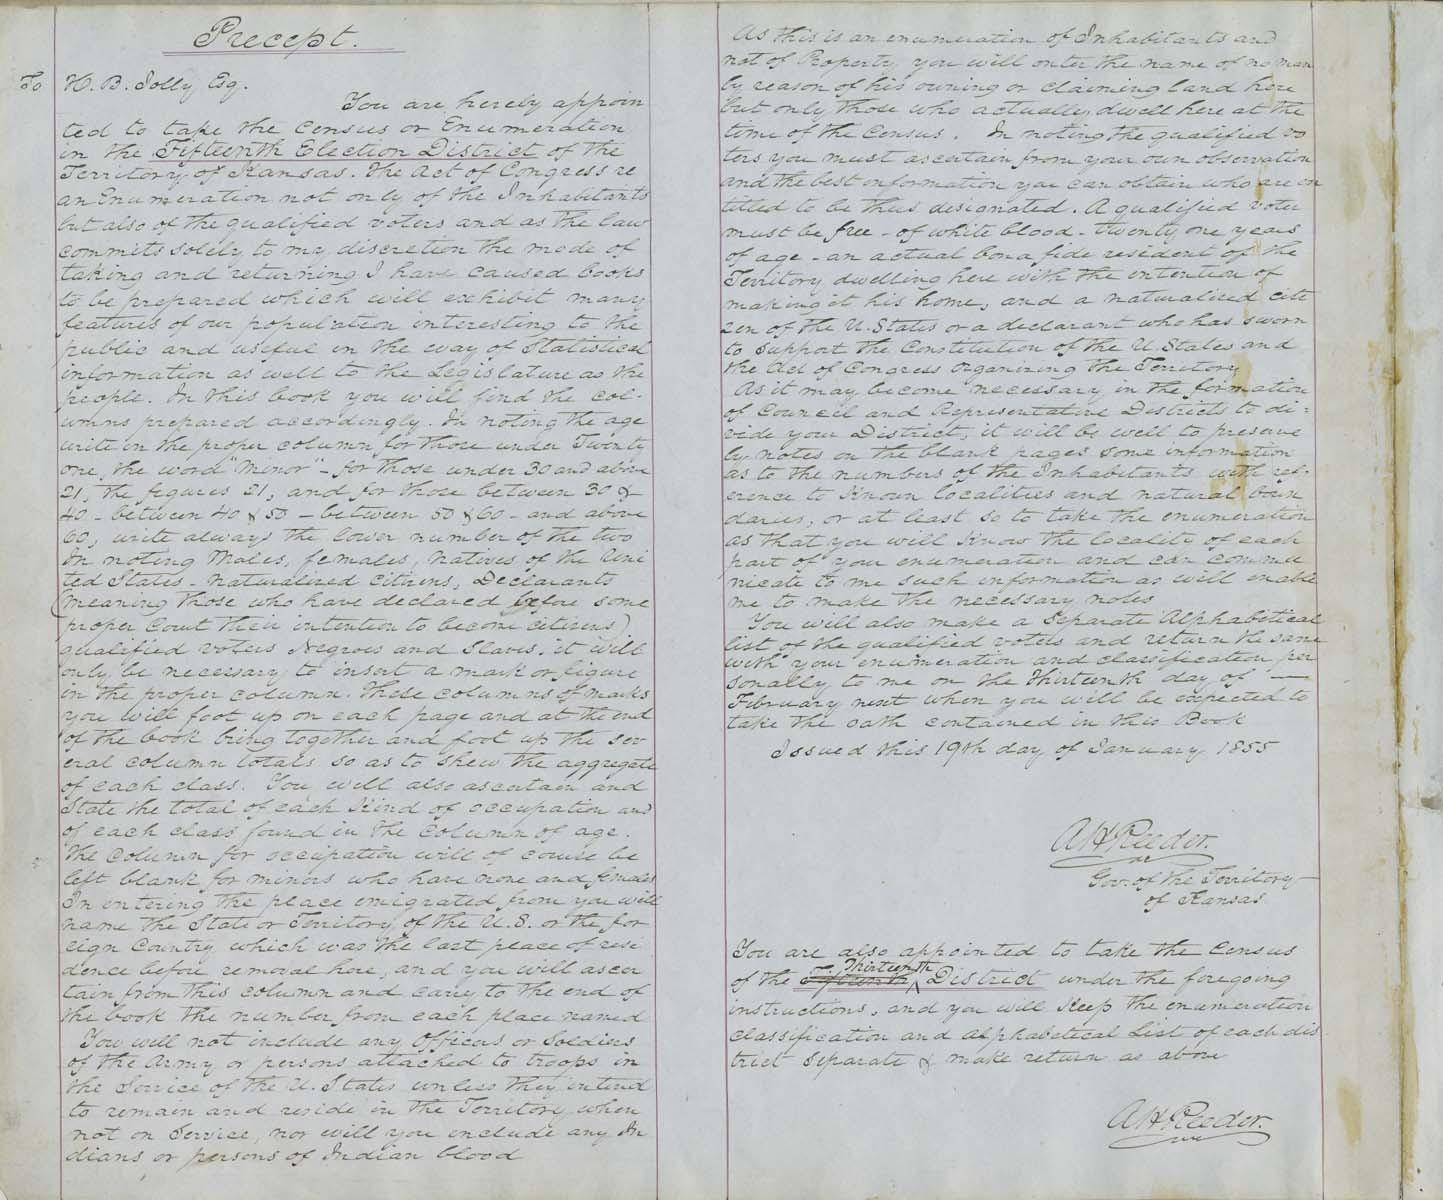 Territorial Census, 1855, District 15 - p. 2